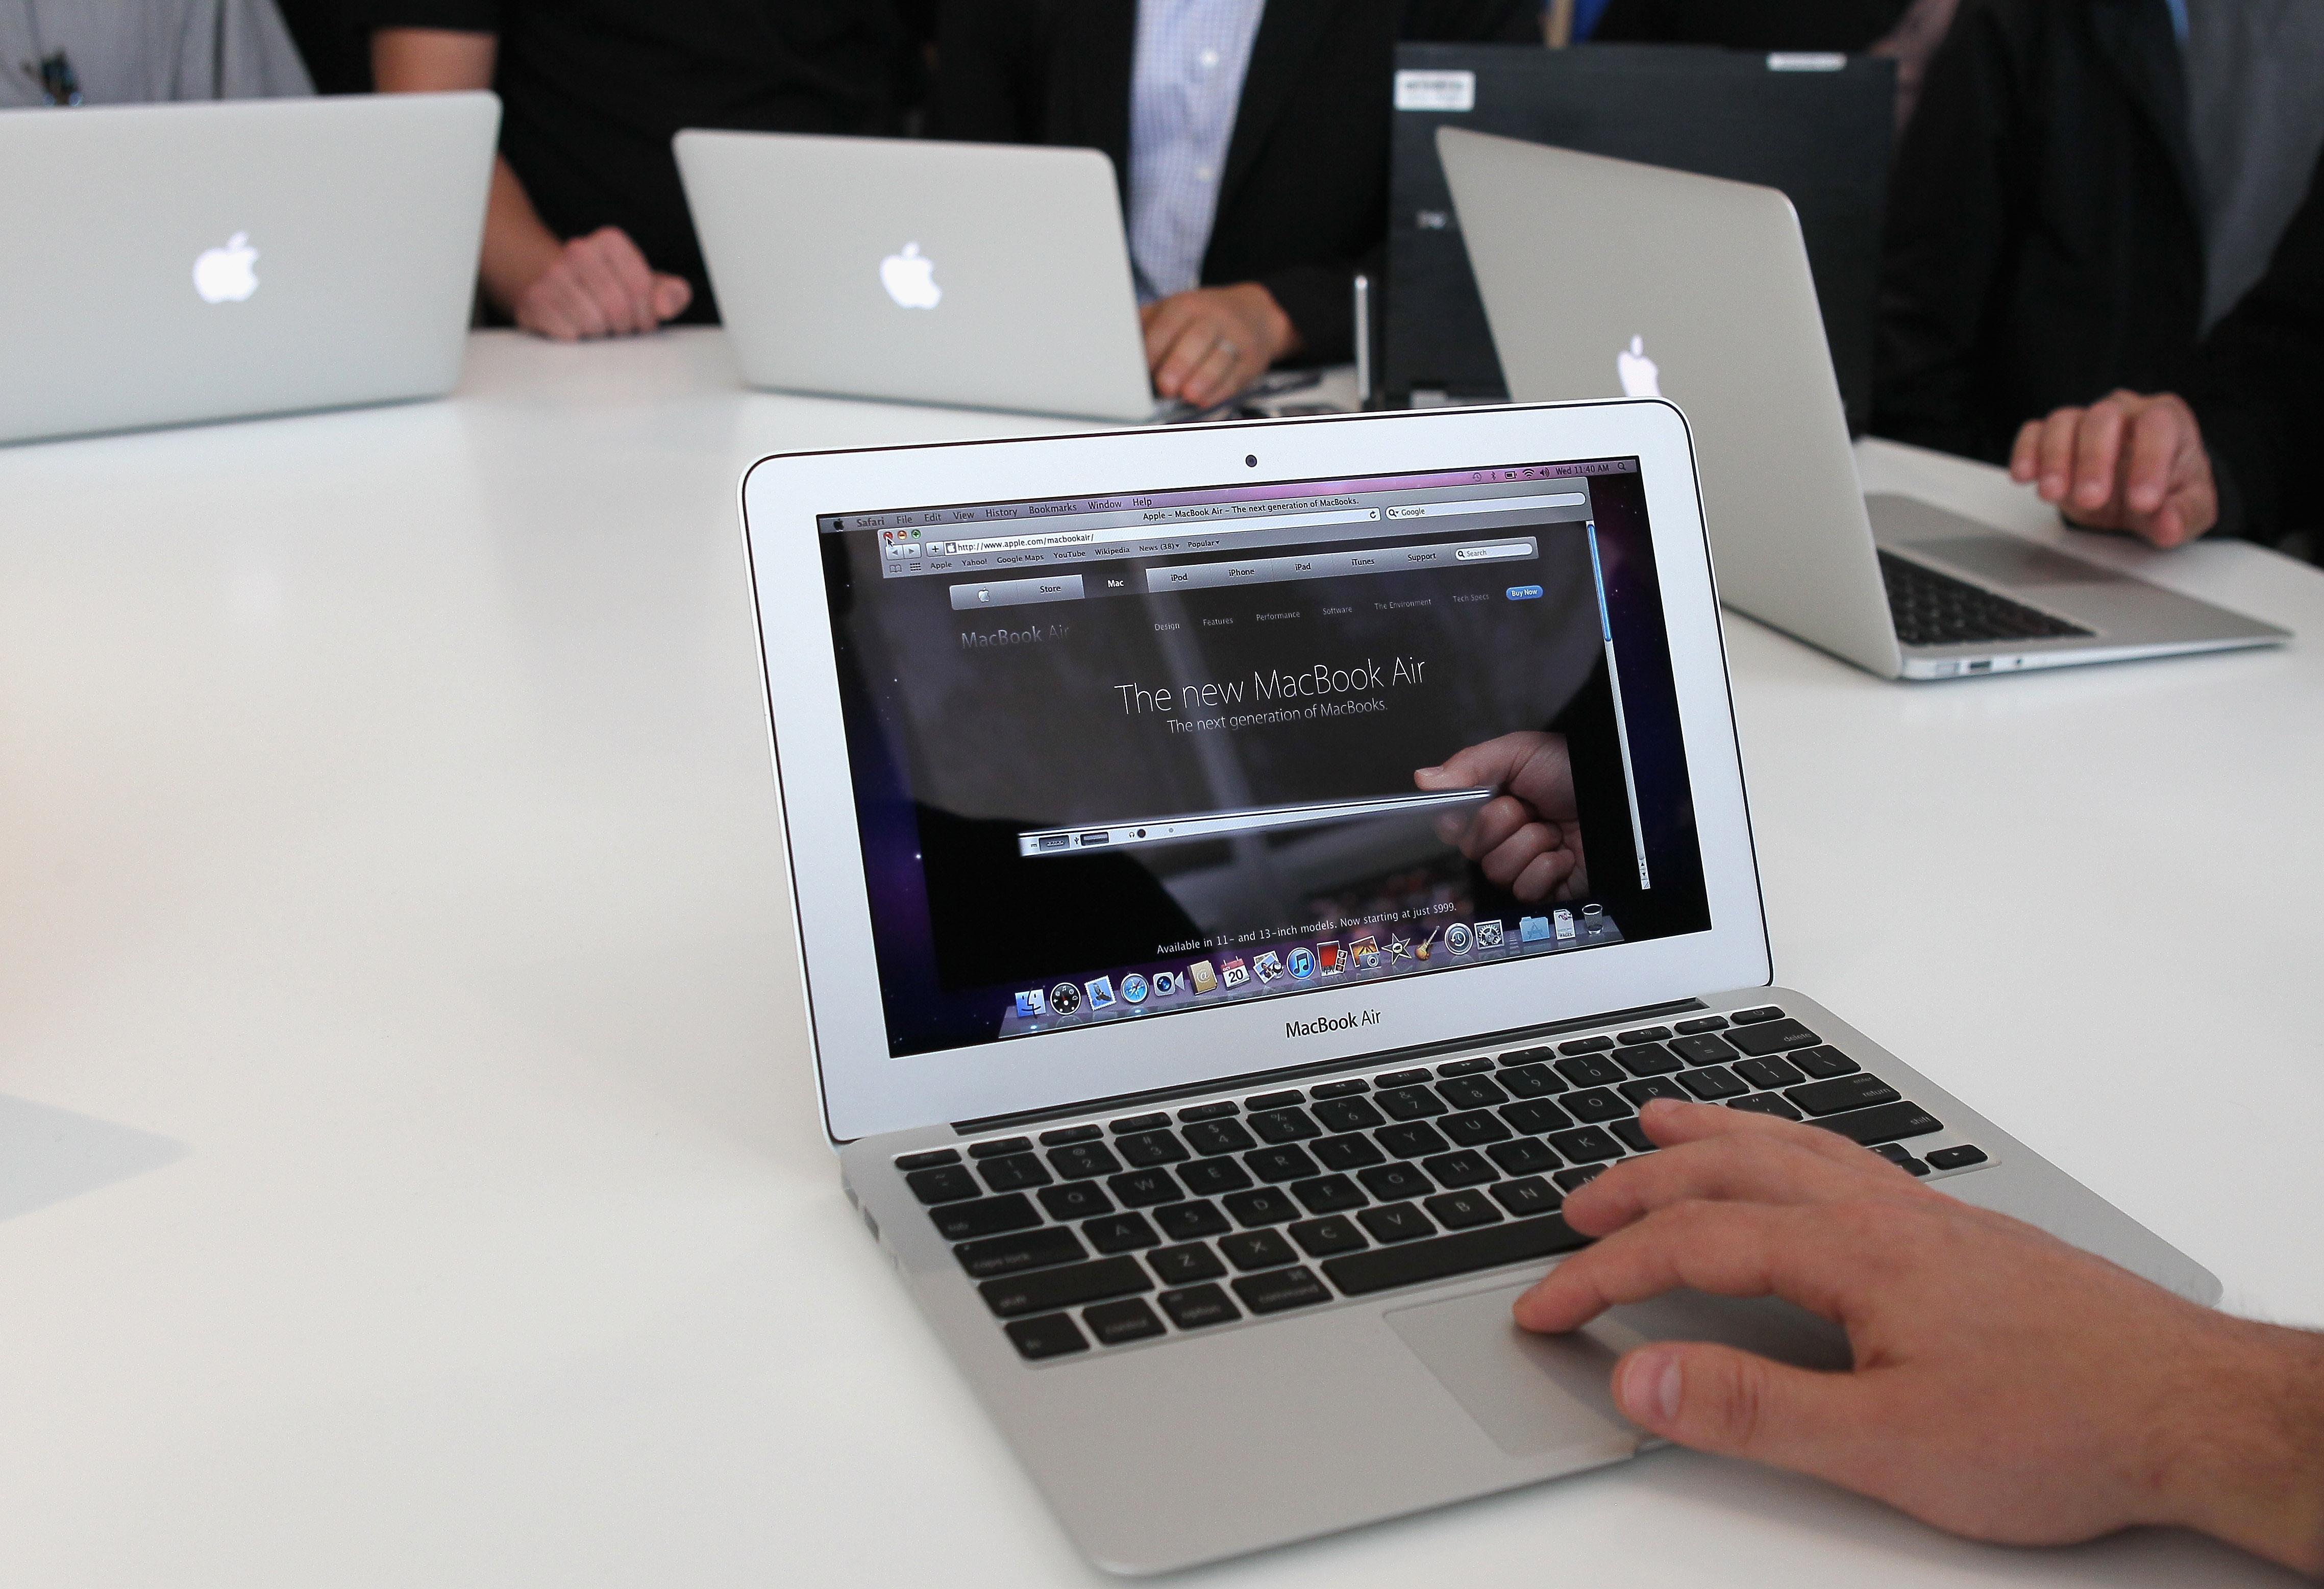 Откриха ботнет с над 550 000 Mac компютъра